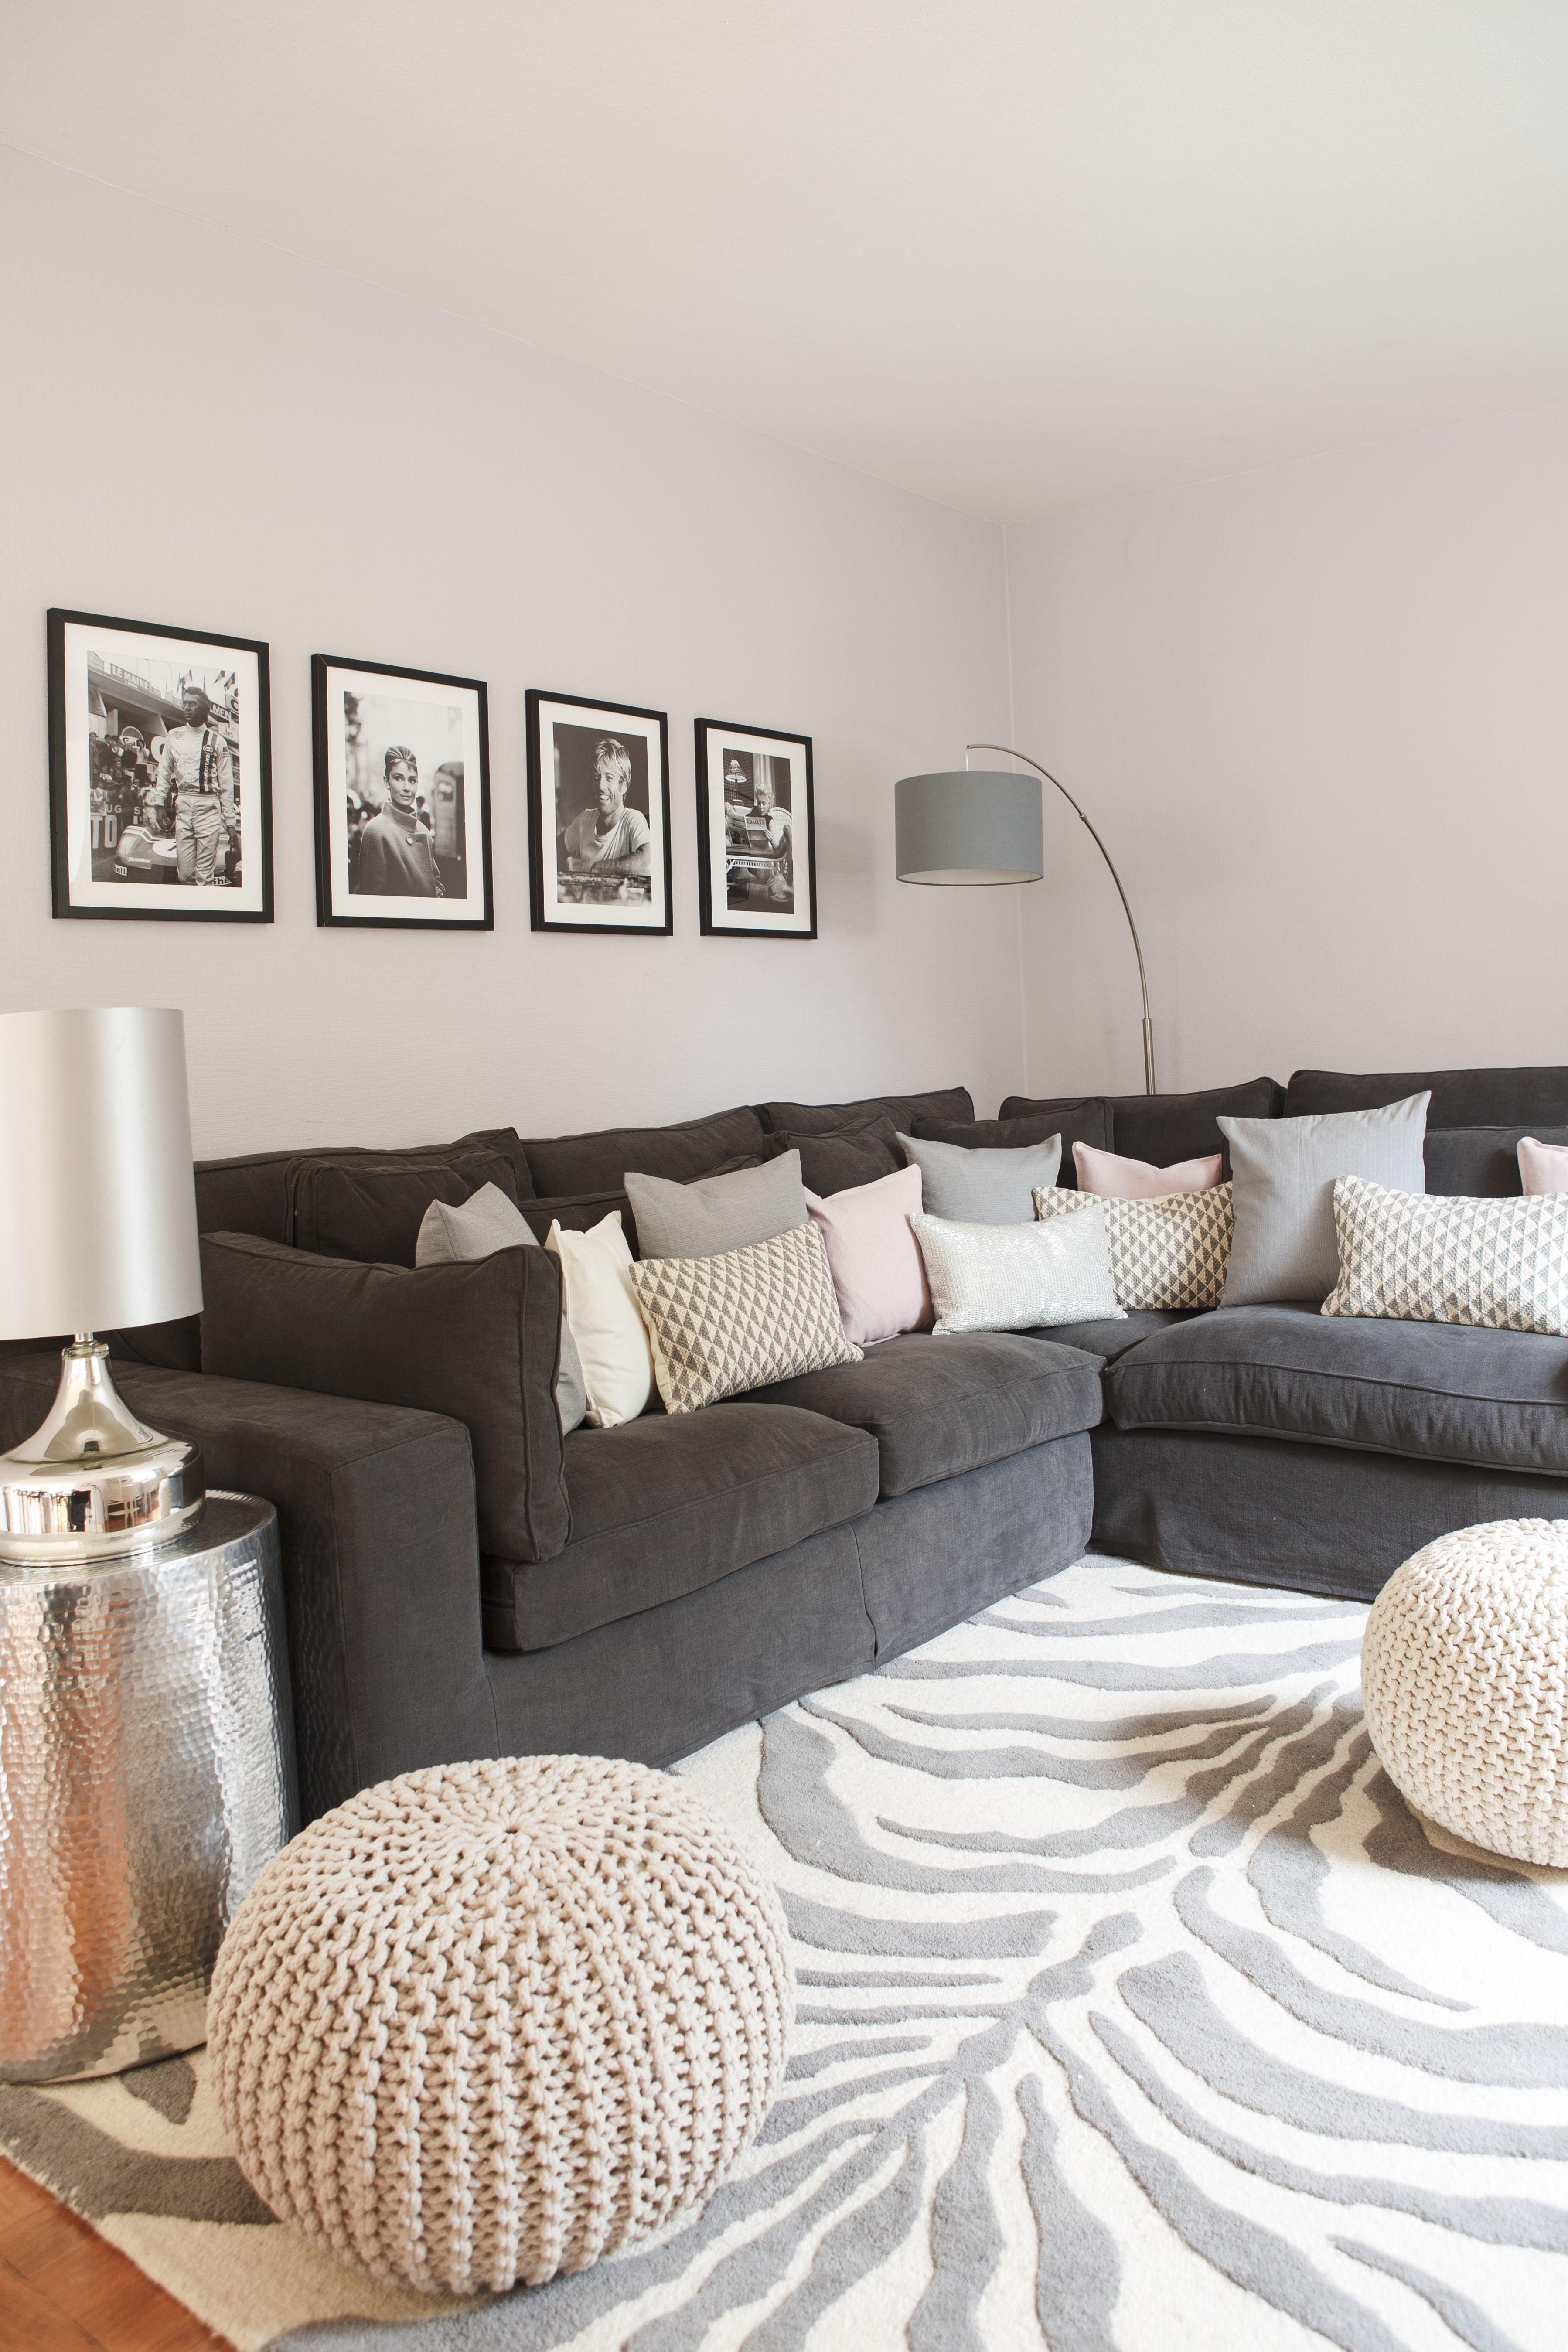 wohnzimmer sofa grau:Wohnzimmer Grau Mint: Wohnzimmer couch auf couchtisch weiß hochglanz